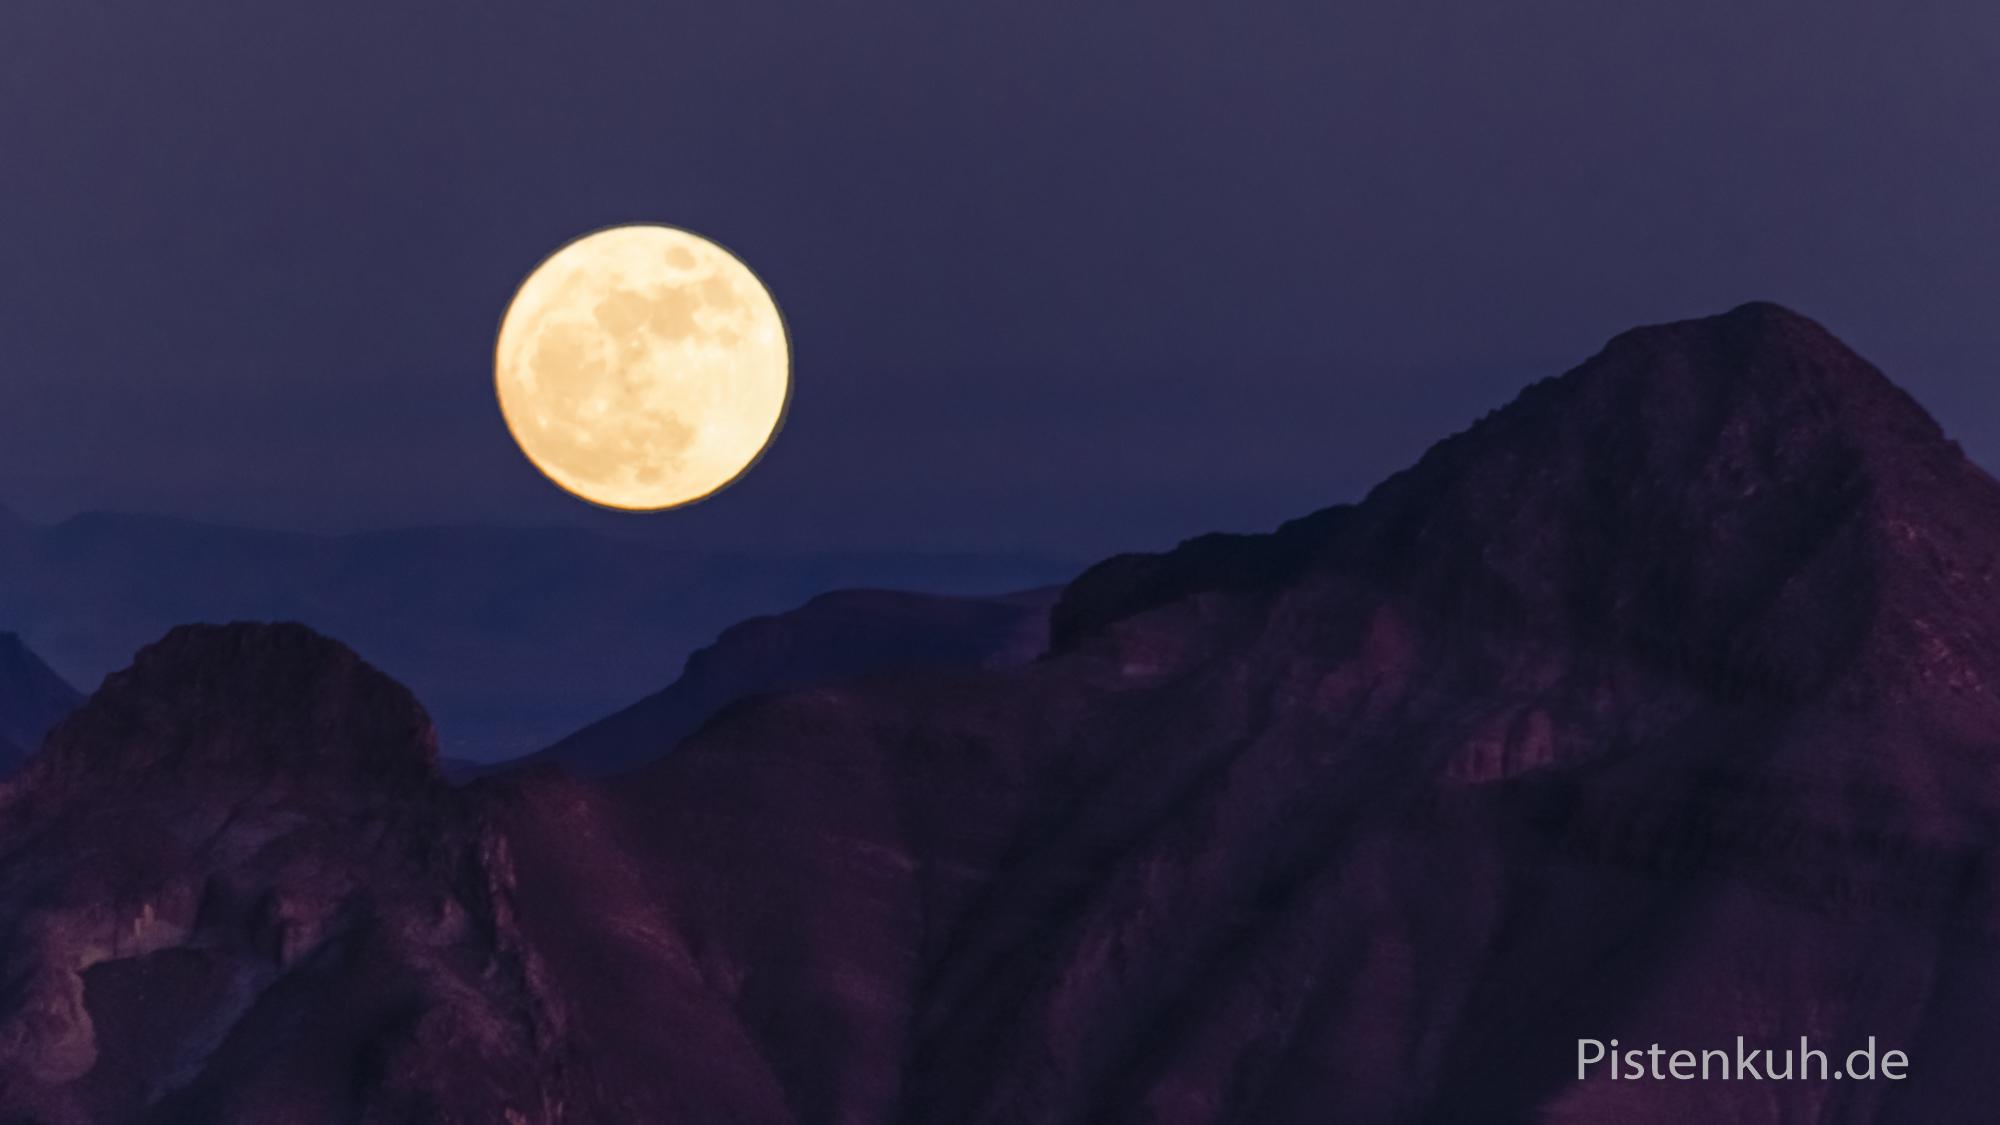 Den Mond fotografieren ist gar nicht so schwer